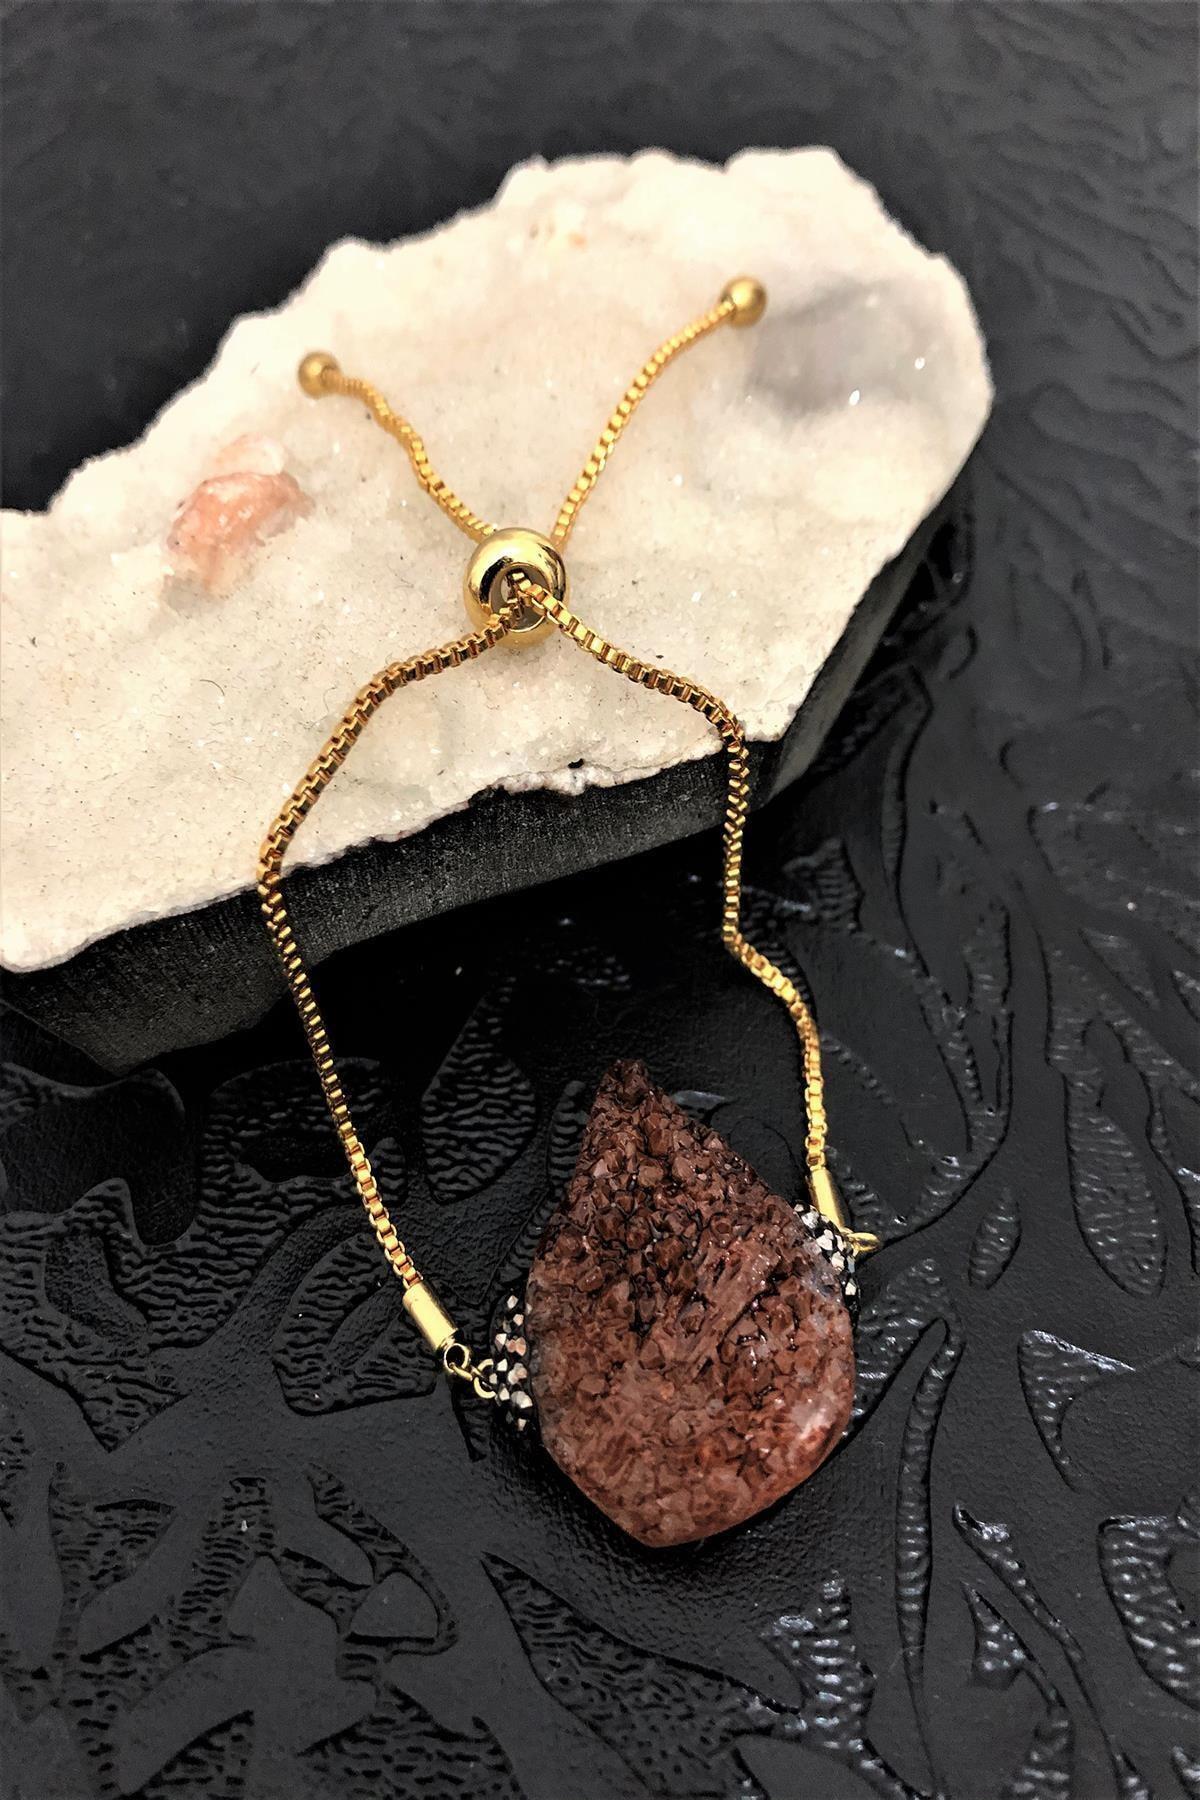 Dr. Stone Dr Stone Golden Kuvars Taşı 22k Altın Kaplama El Yapımı Kadın Bileklik Tkrb29 1